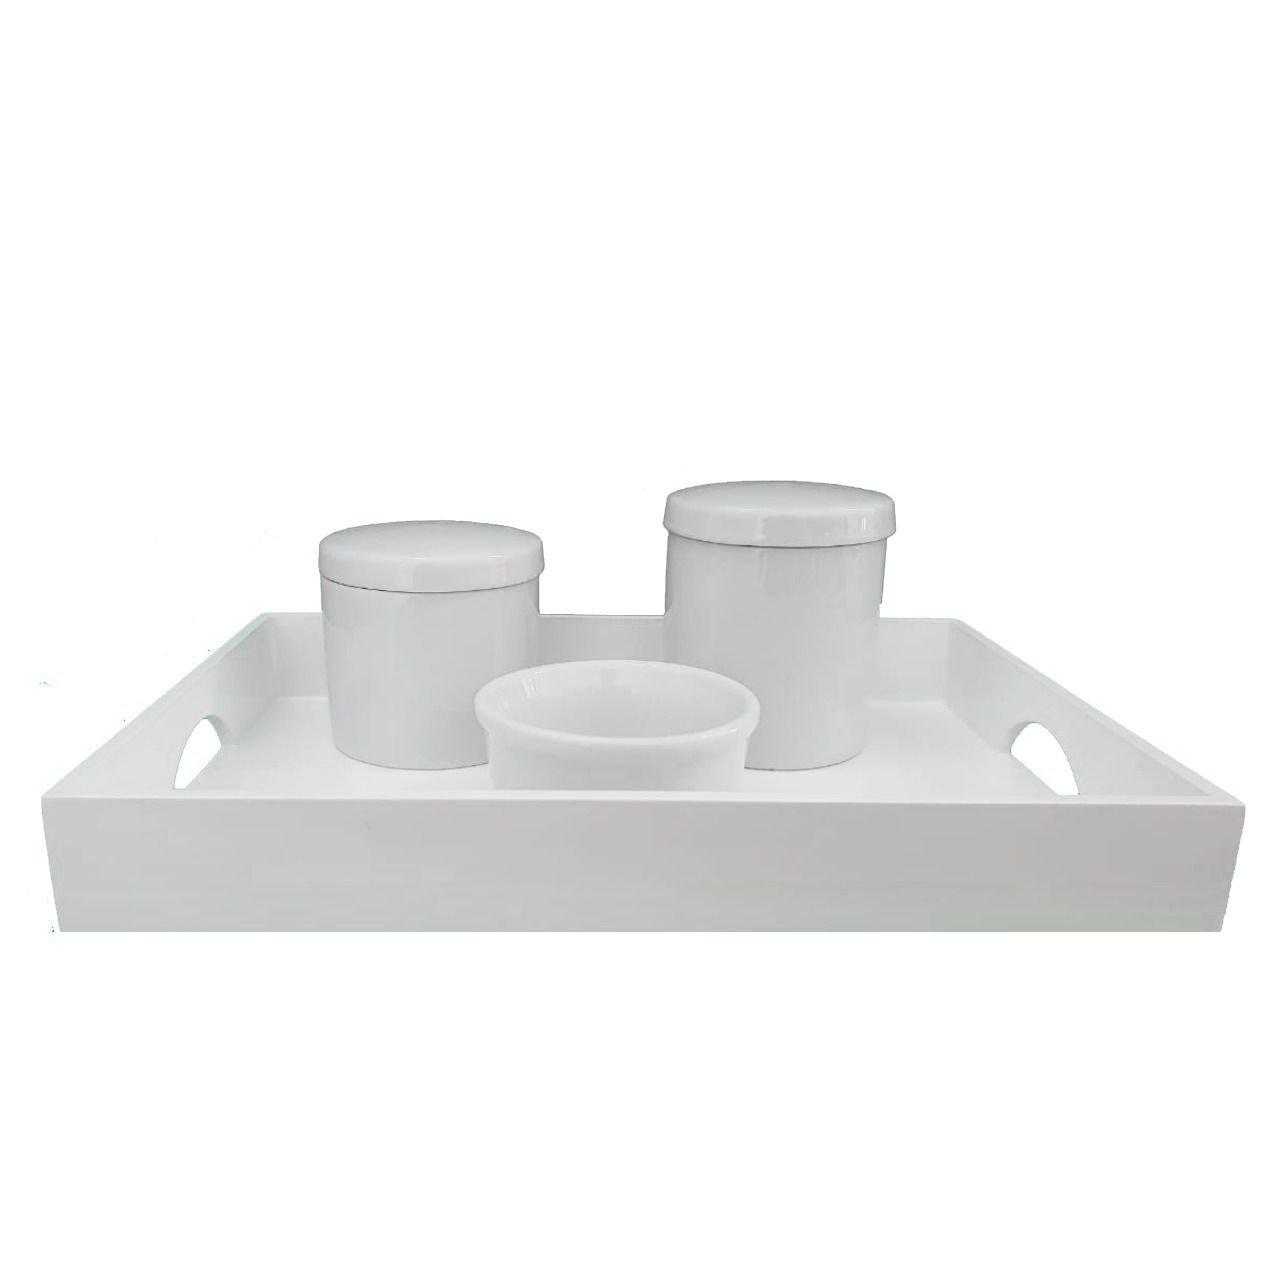 Kit Higiene Porcelana Branca Decoração Quarto de Bebê Promoção